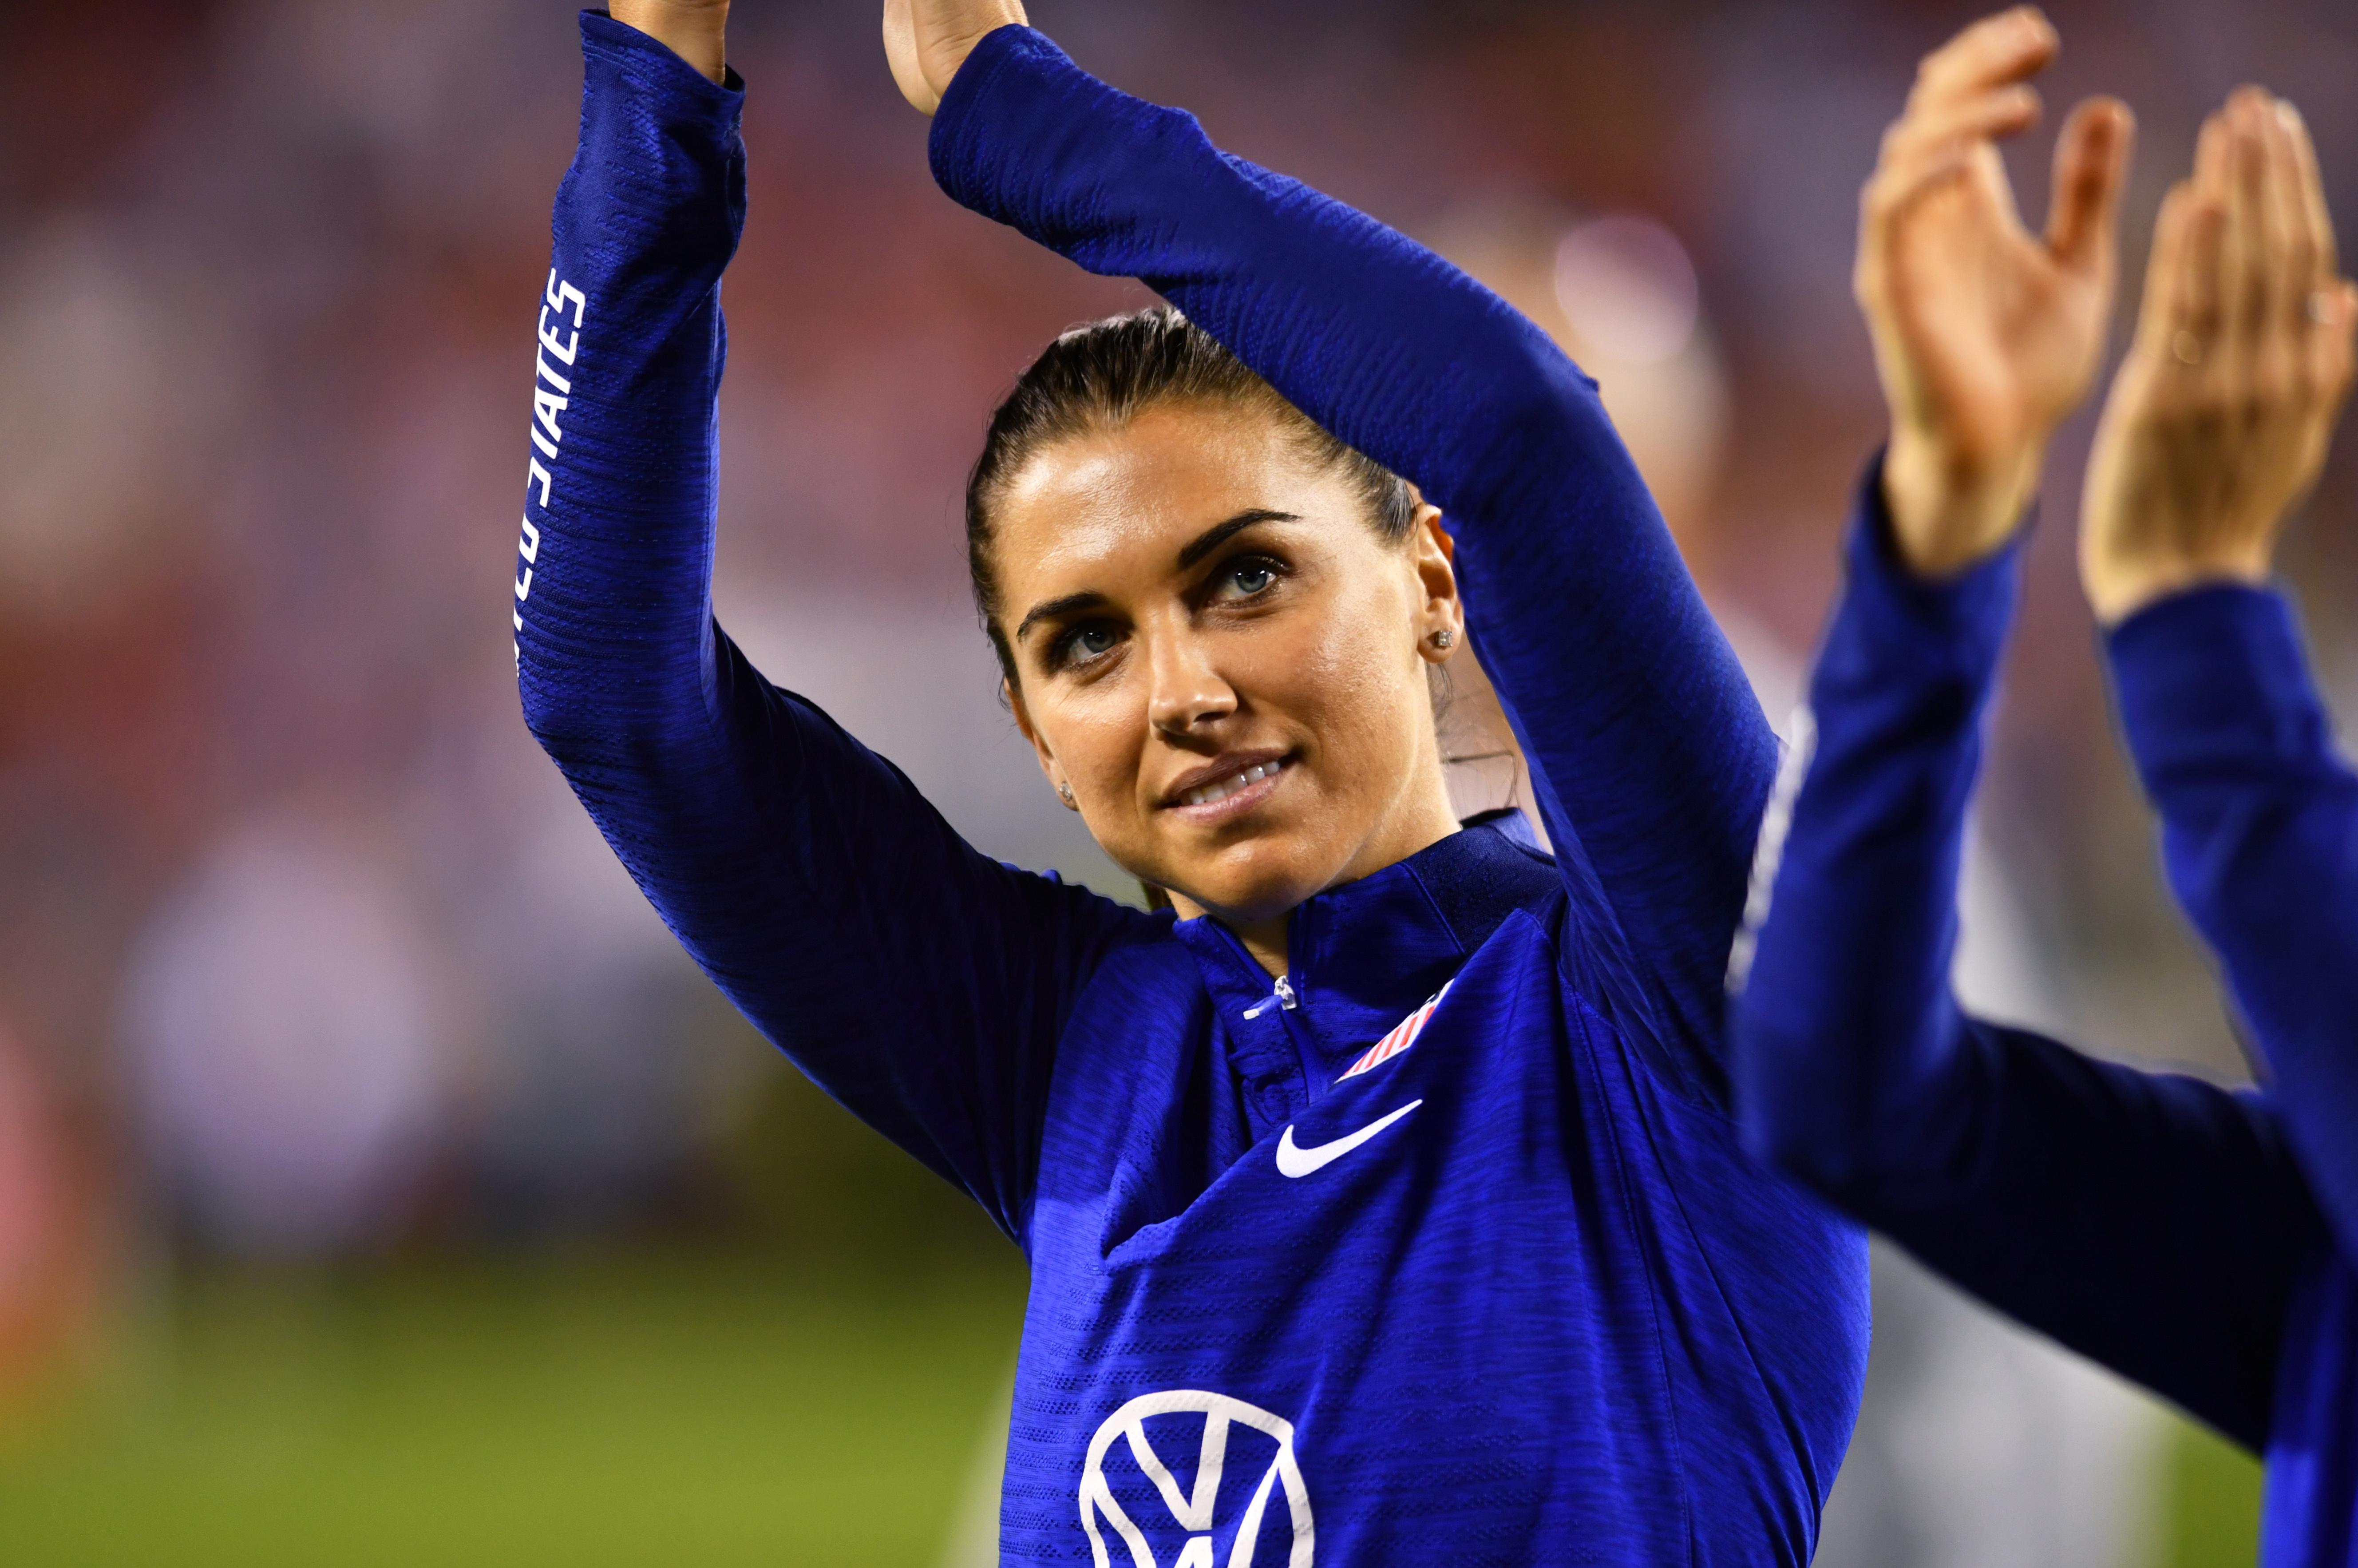 SOCCER: AUG 29 Women's - Portugal v USA